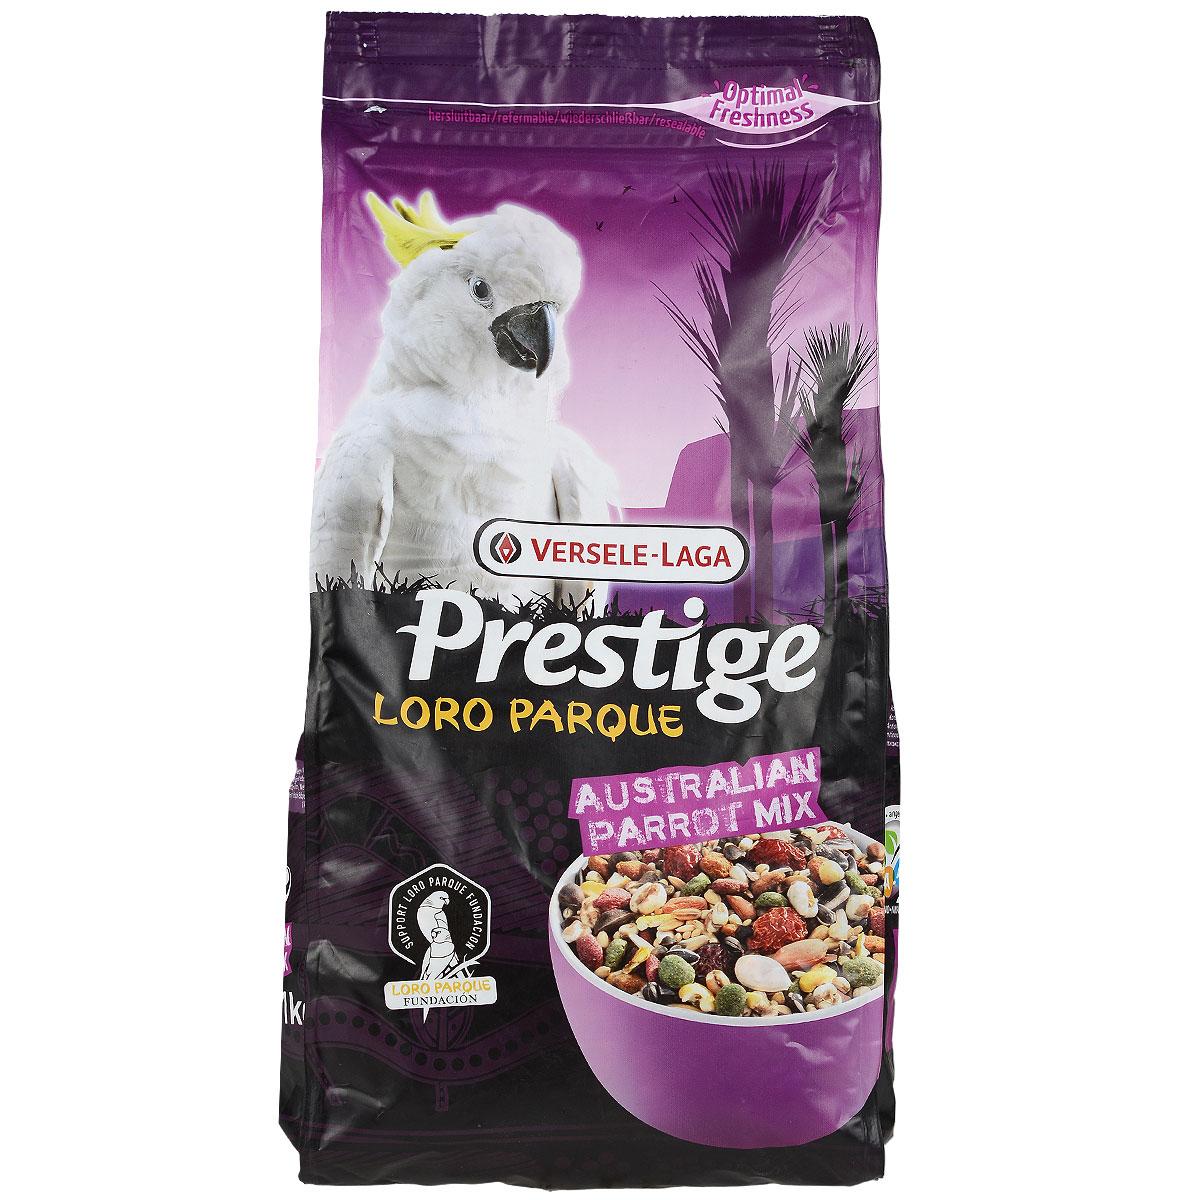 Корм для крупных попугаев Versele-Laga Australian Parrot Loro Parque Mix Premium, 1 кг0120710Смесь для крупных попугаев Versele-Laga Australian Parrot Loro Parque Mix - это обогащенная зерновая смесь с содержанием дополнительных питательных веществ, разработанная специально для австралийских крупных попугаев. Все смеси Prestige Premium Loro Parque приготовлены из различных семян и зерен и содержат вкусные кусочки для попугаев, такие как воздушные зерна, семена тыквы, шиповник, сушеный перец и кедровые орешки. Этот основной высококачественный корм с низким содержанием жира обогащен 8 % гранул Maxi ВAM, дающими дополнительный запас витаминов, аминокислот и минералов. Данная смесь адаптирована под потребности особей, ее состав разрабатывался совместно с научно-исследовательской группой Loro Parque. Данная смесь применяется в качестве основного корма для всех австралийских попугаев. После успешного опыта применения в известном Loro Parque (в Тенерифе), данная смесь стала доступна для всех владельцев попугаев в любом уголке земли.Versele-Laga поддерживает фонд Loro Parque Fundacion в стремлении сохранить вымирающие виды птиц и их среду обитания. Приобретая данную продукцию, вы помогаете фонду Loro Parque Fundacion защищать природу.Состав: семена сафлора, гречиха, гранулы Maxi ВAM,пшеница, ячмень, рис-сырец, остроконечный овес, белое просо, очищенный овес, канареечное семя, кукуруза, семена конопли, желтое просо, дари, сорго, очищенный арахис, орехи сосны, ракушки устриц, семена подсолнечника полосатого, воздушная кукуруза, шиповник, воздушная пшеница.Анализ состава: белки 13,5%, жиры 10,5%, клетчатка 11%, зола 5,5%, кальций 0,92%, фосфор 0,33%, лизин 4500 мг/кг, метионин 3350 мг/кг, витамин А8000 МЕ/кг, витамин D3 1600 МЕ/кг, витамин E 20 мг/кг.Добавки: витамин B1, витамин B2, витамин B6, витамин B12, витамин C, витамин PP, витамин К, фолиевая кислота, биотин, холин, натрий, магний, калий, железо, медь, марганец, цинк, йод, селен.Вес: 1 кг. Товар сертифицирован.